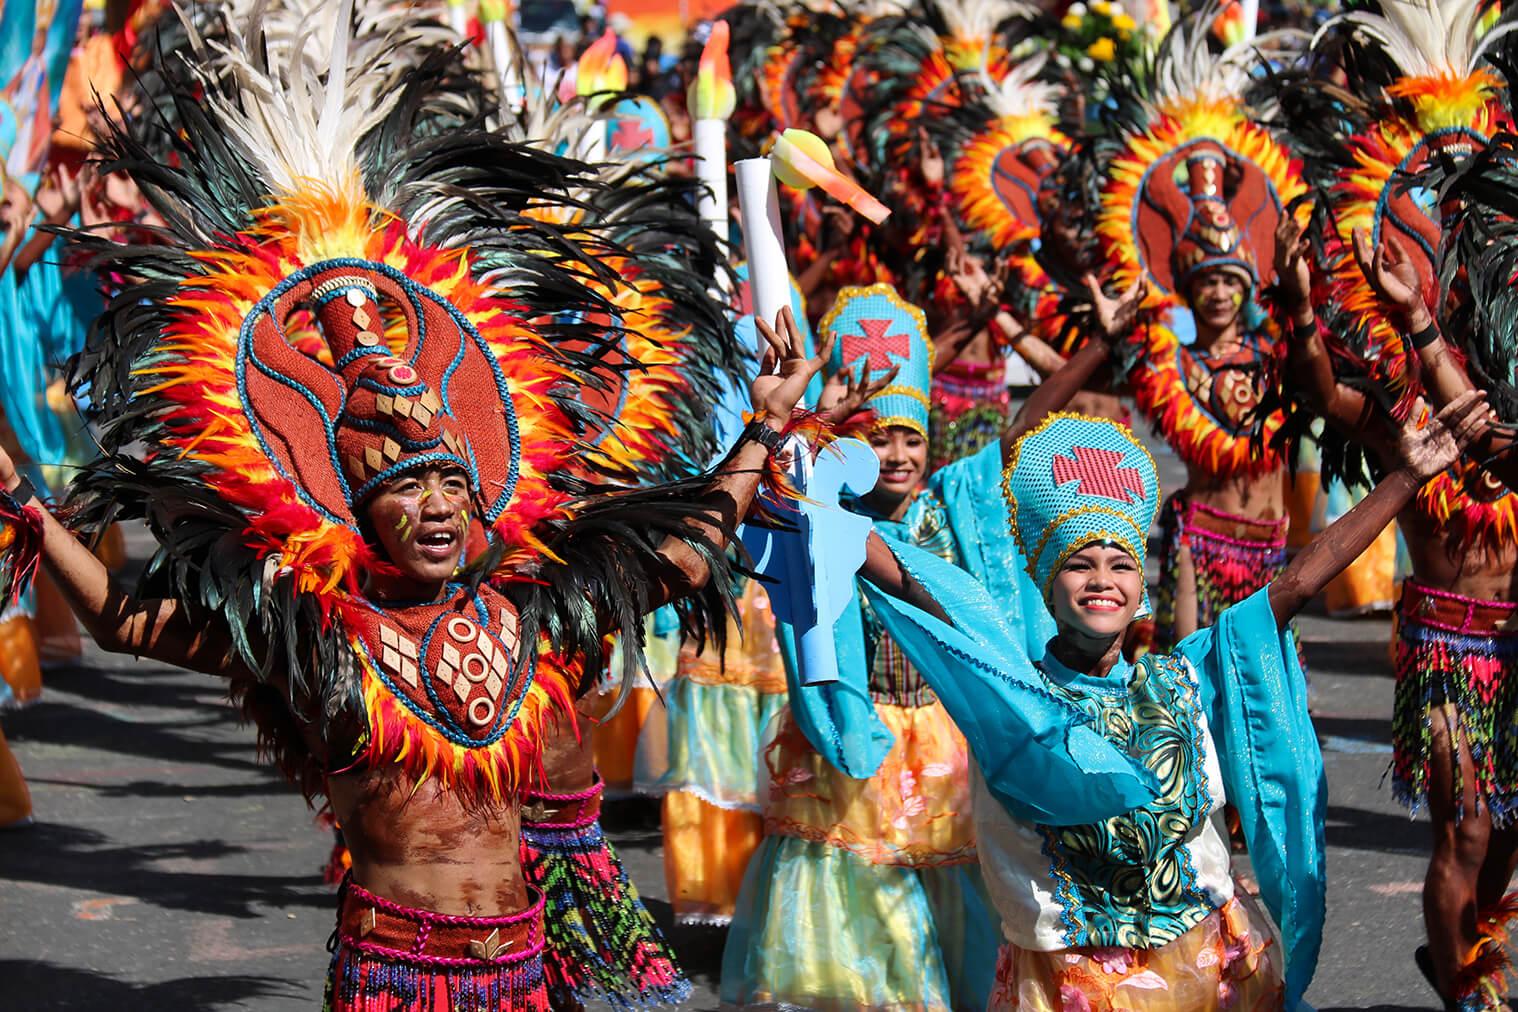 Dovolenka na Filipnach bez milinov na te Dennk